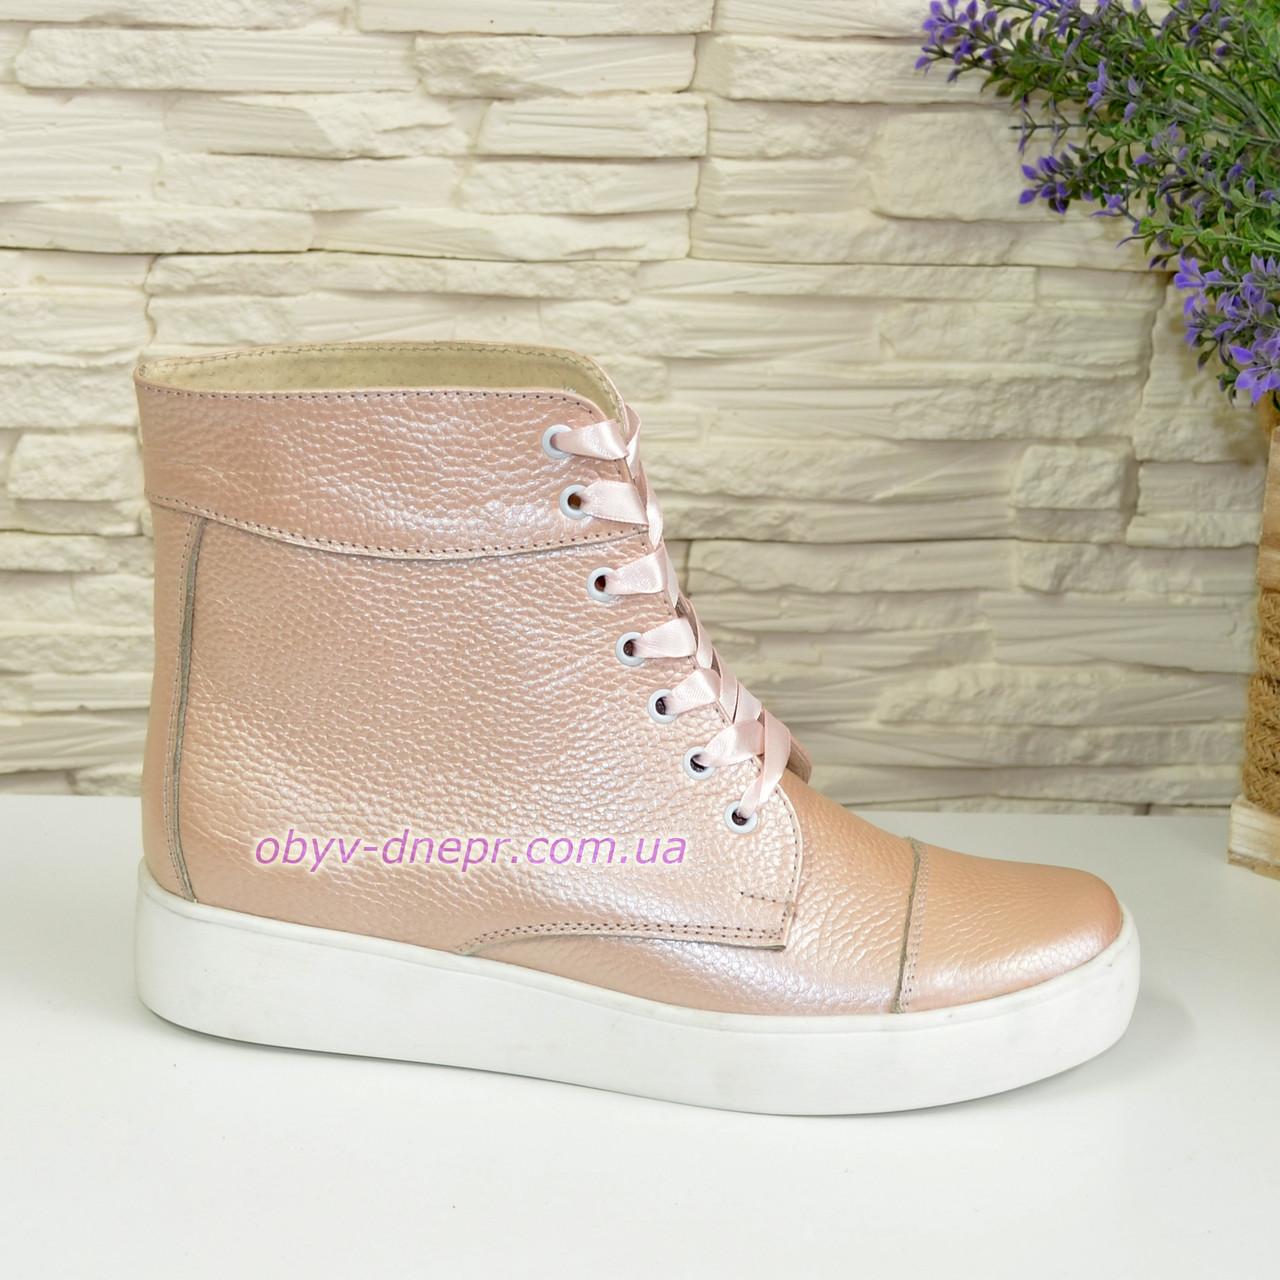 Ботинки женские   кожаные на шнуровке, цвет пудра